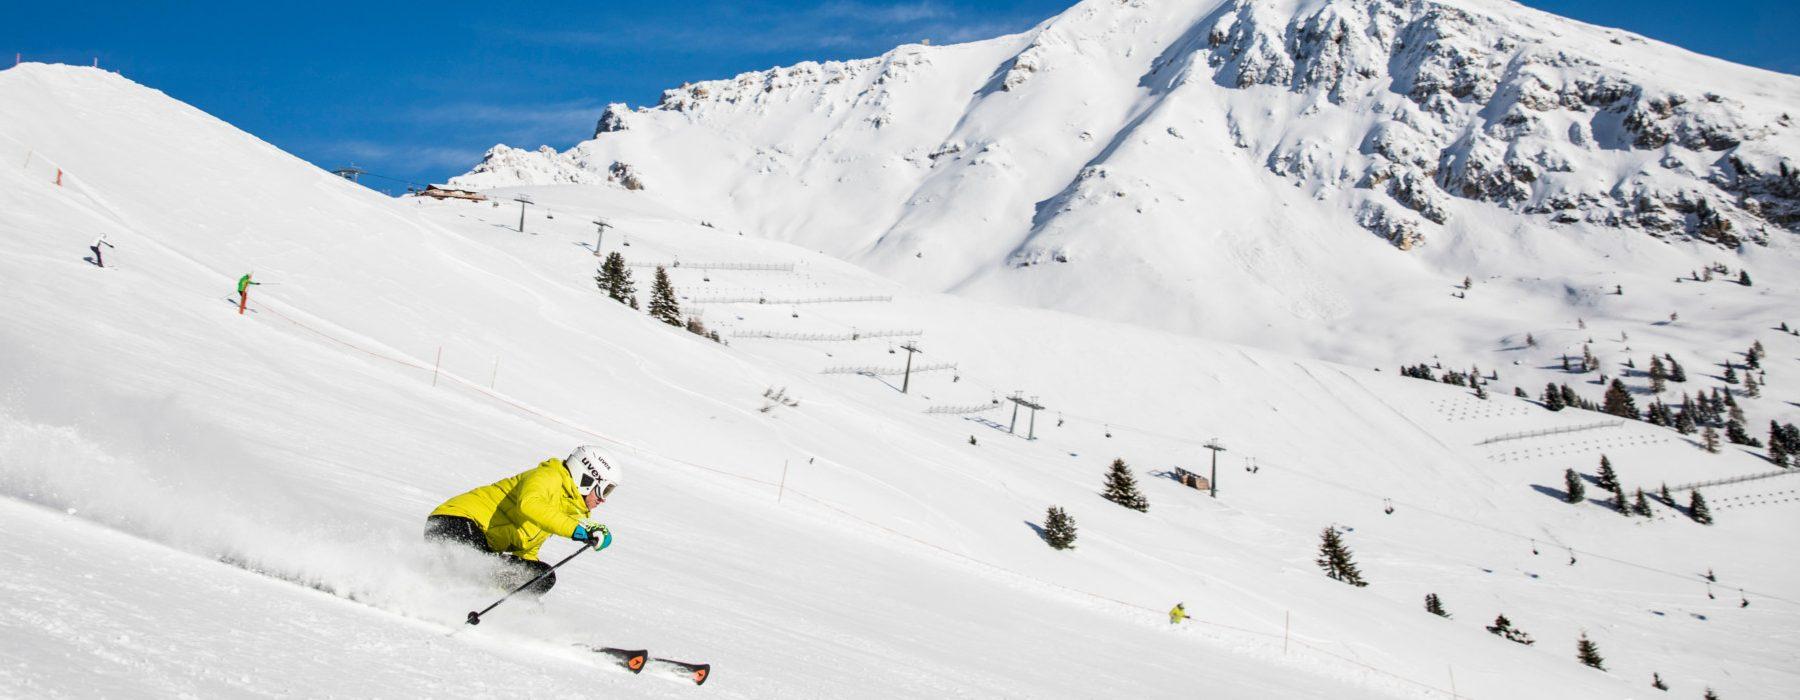 pista-5-nazioni-predazzo-ski center latemar-val-di-fiemme trentino